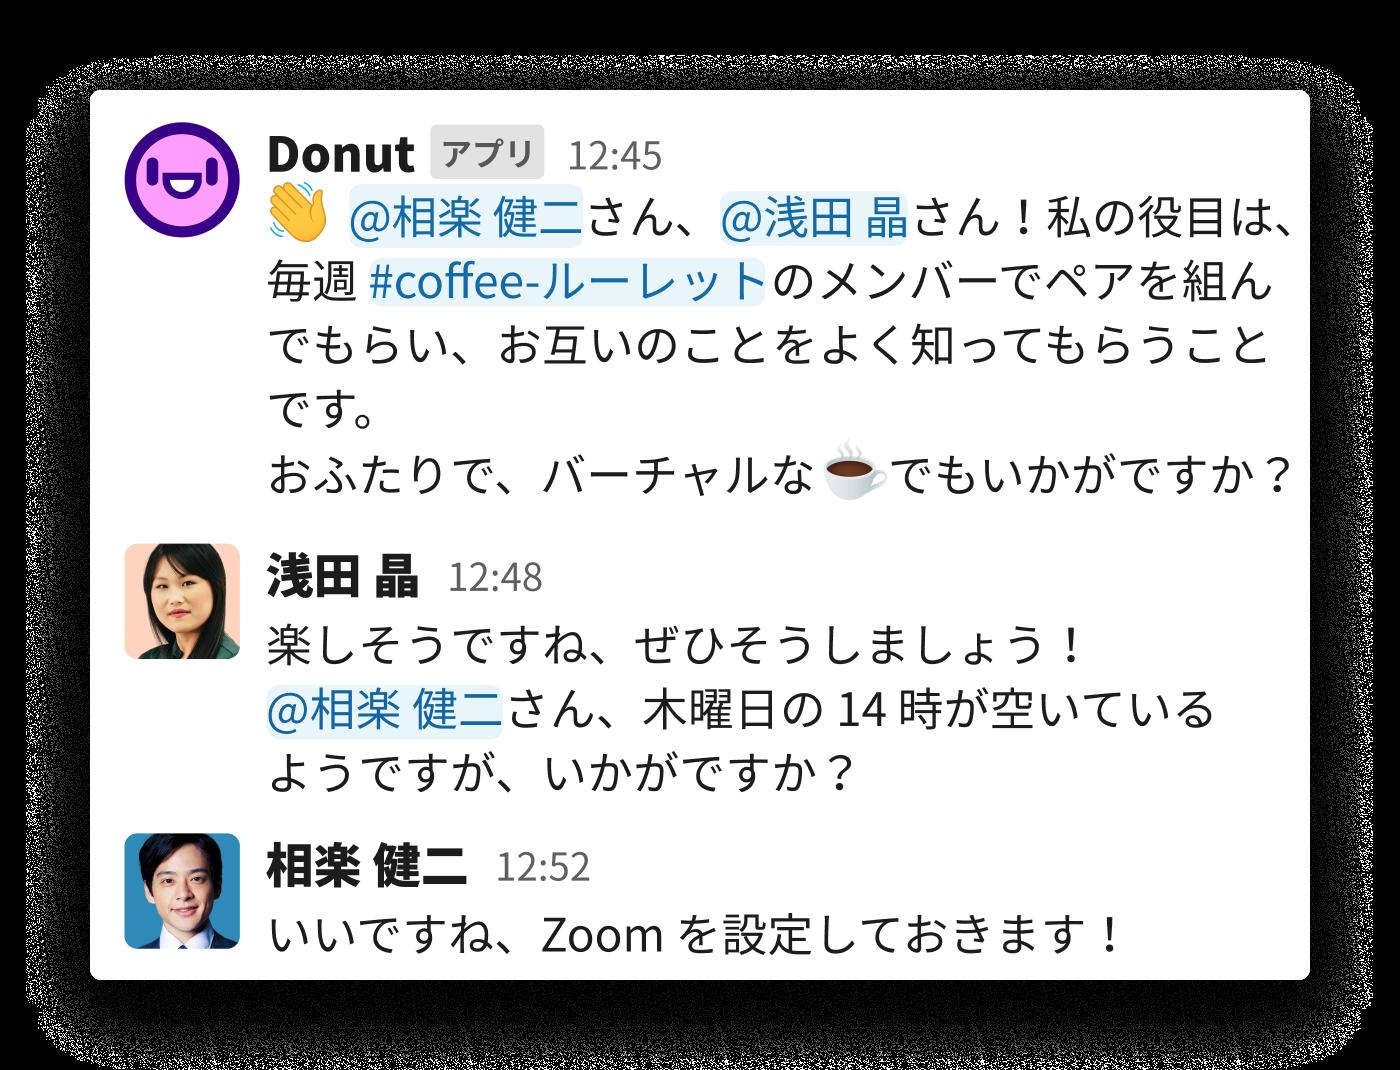 Slack 用の Donut アプリによって、2 人の同僚の会合が促される